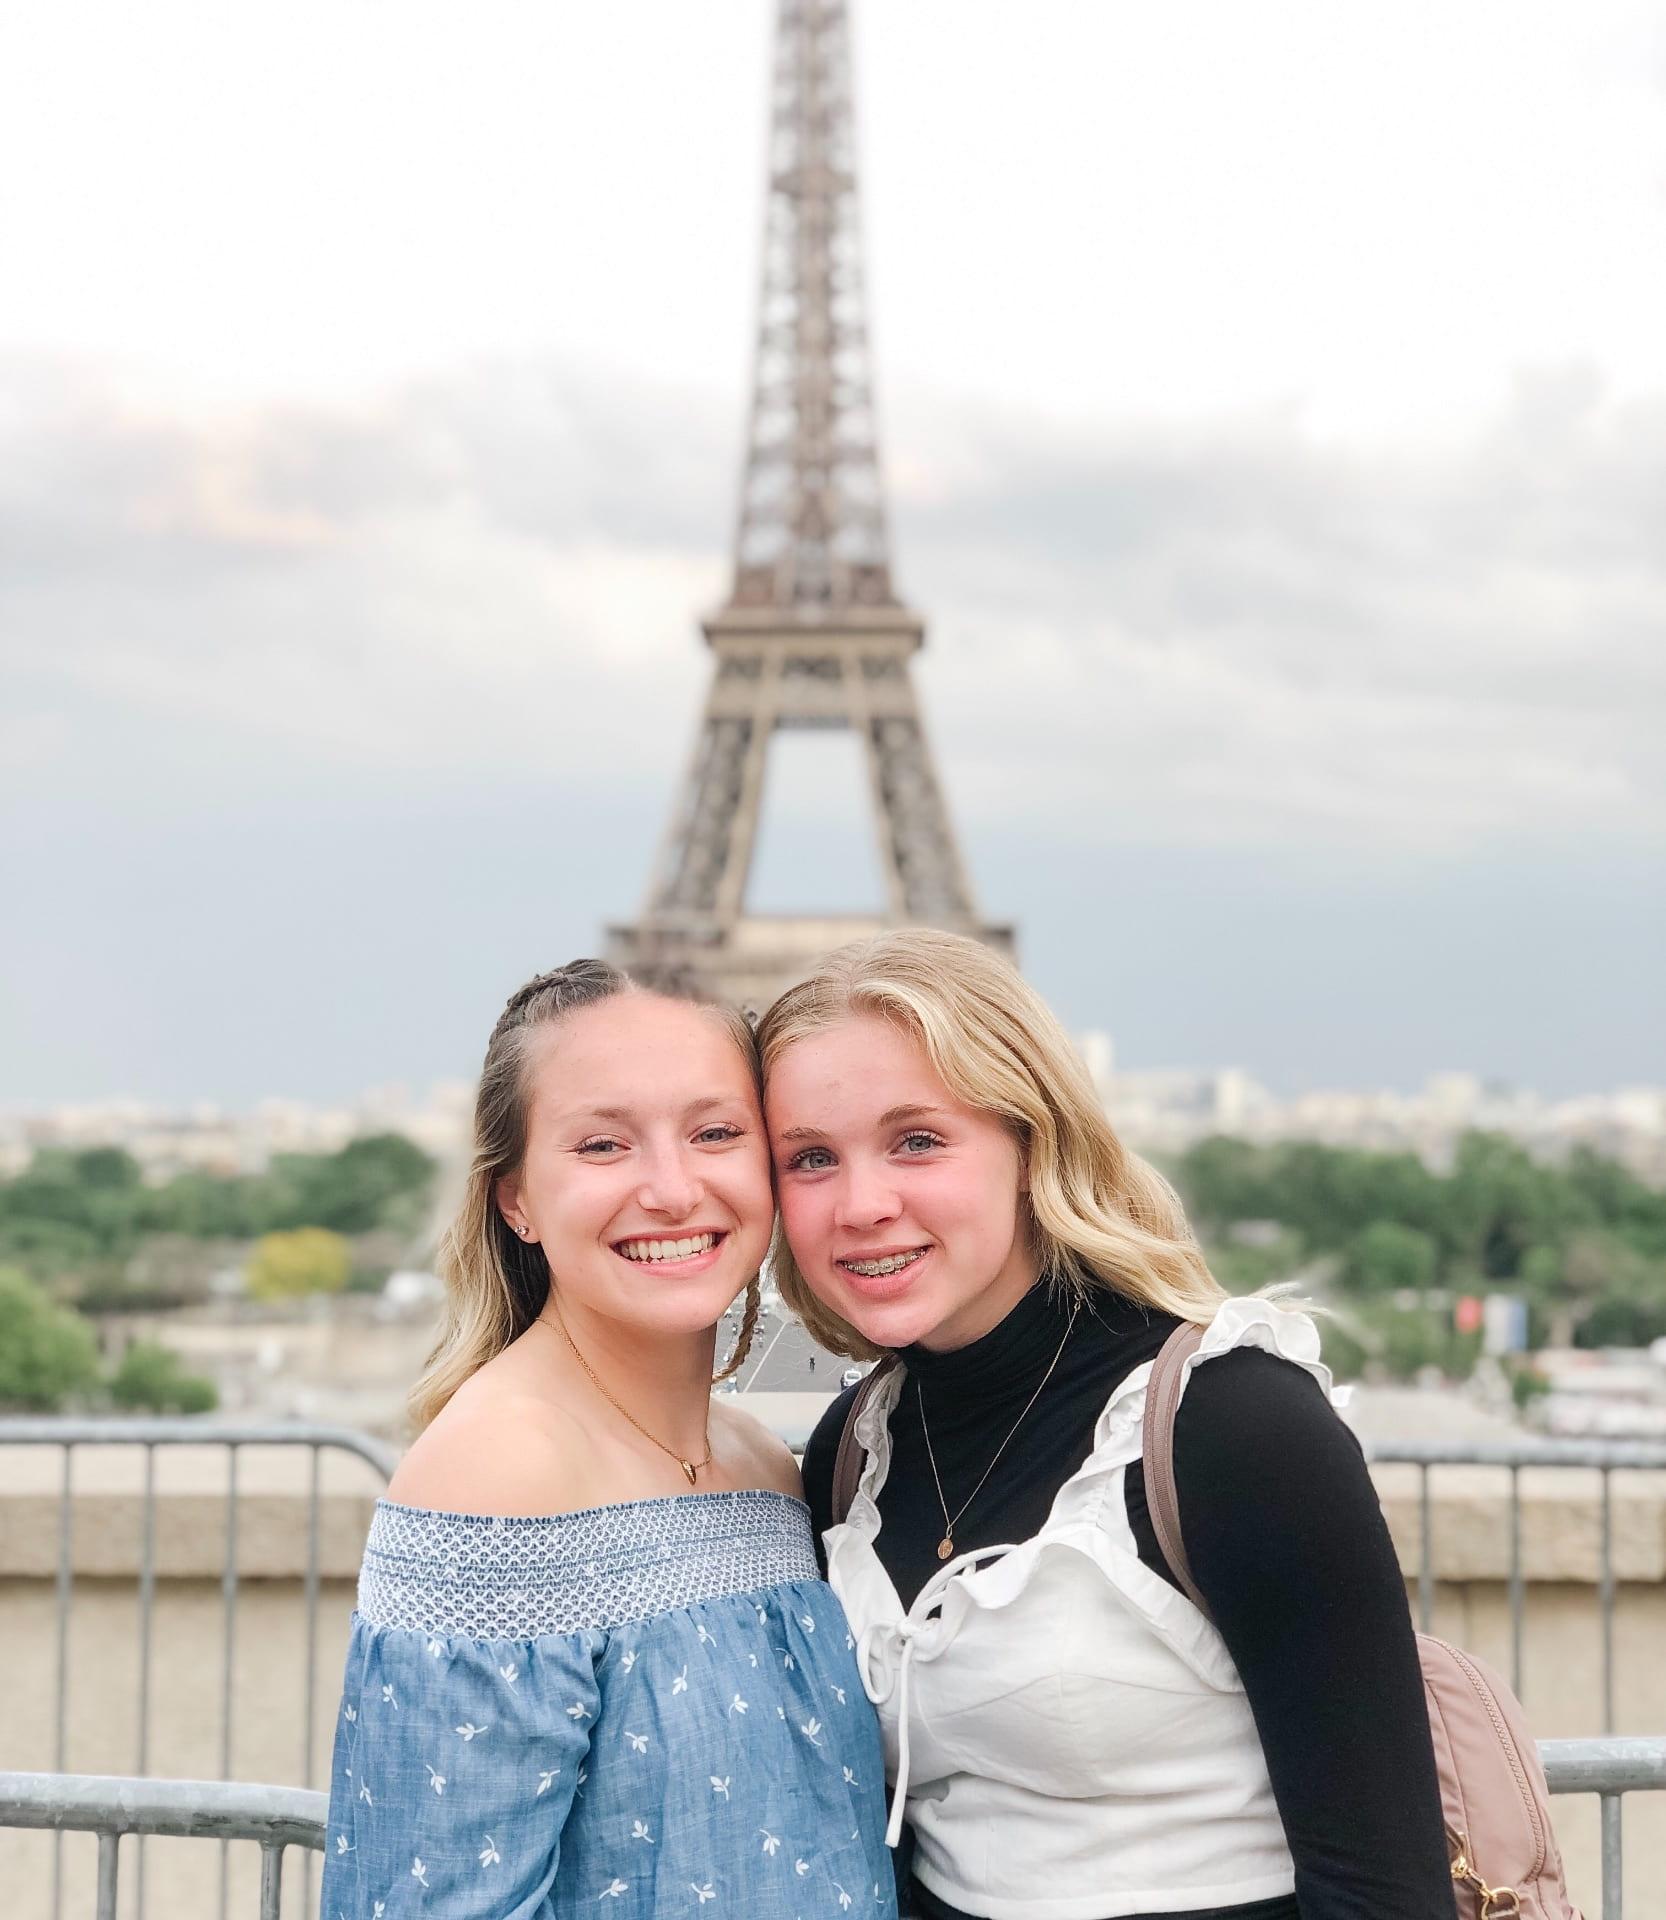 Paris, France {May 2019}